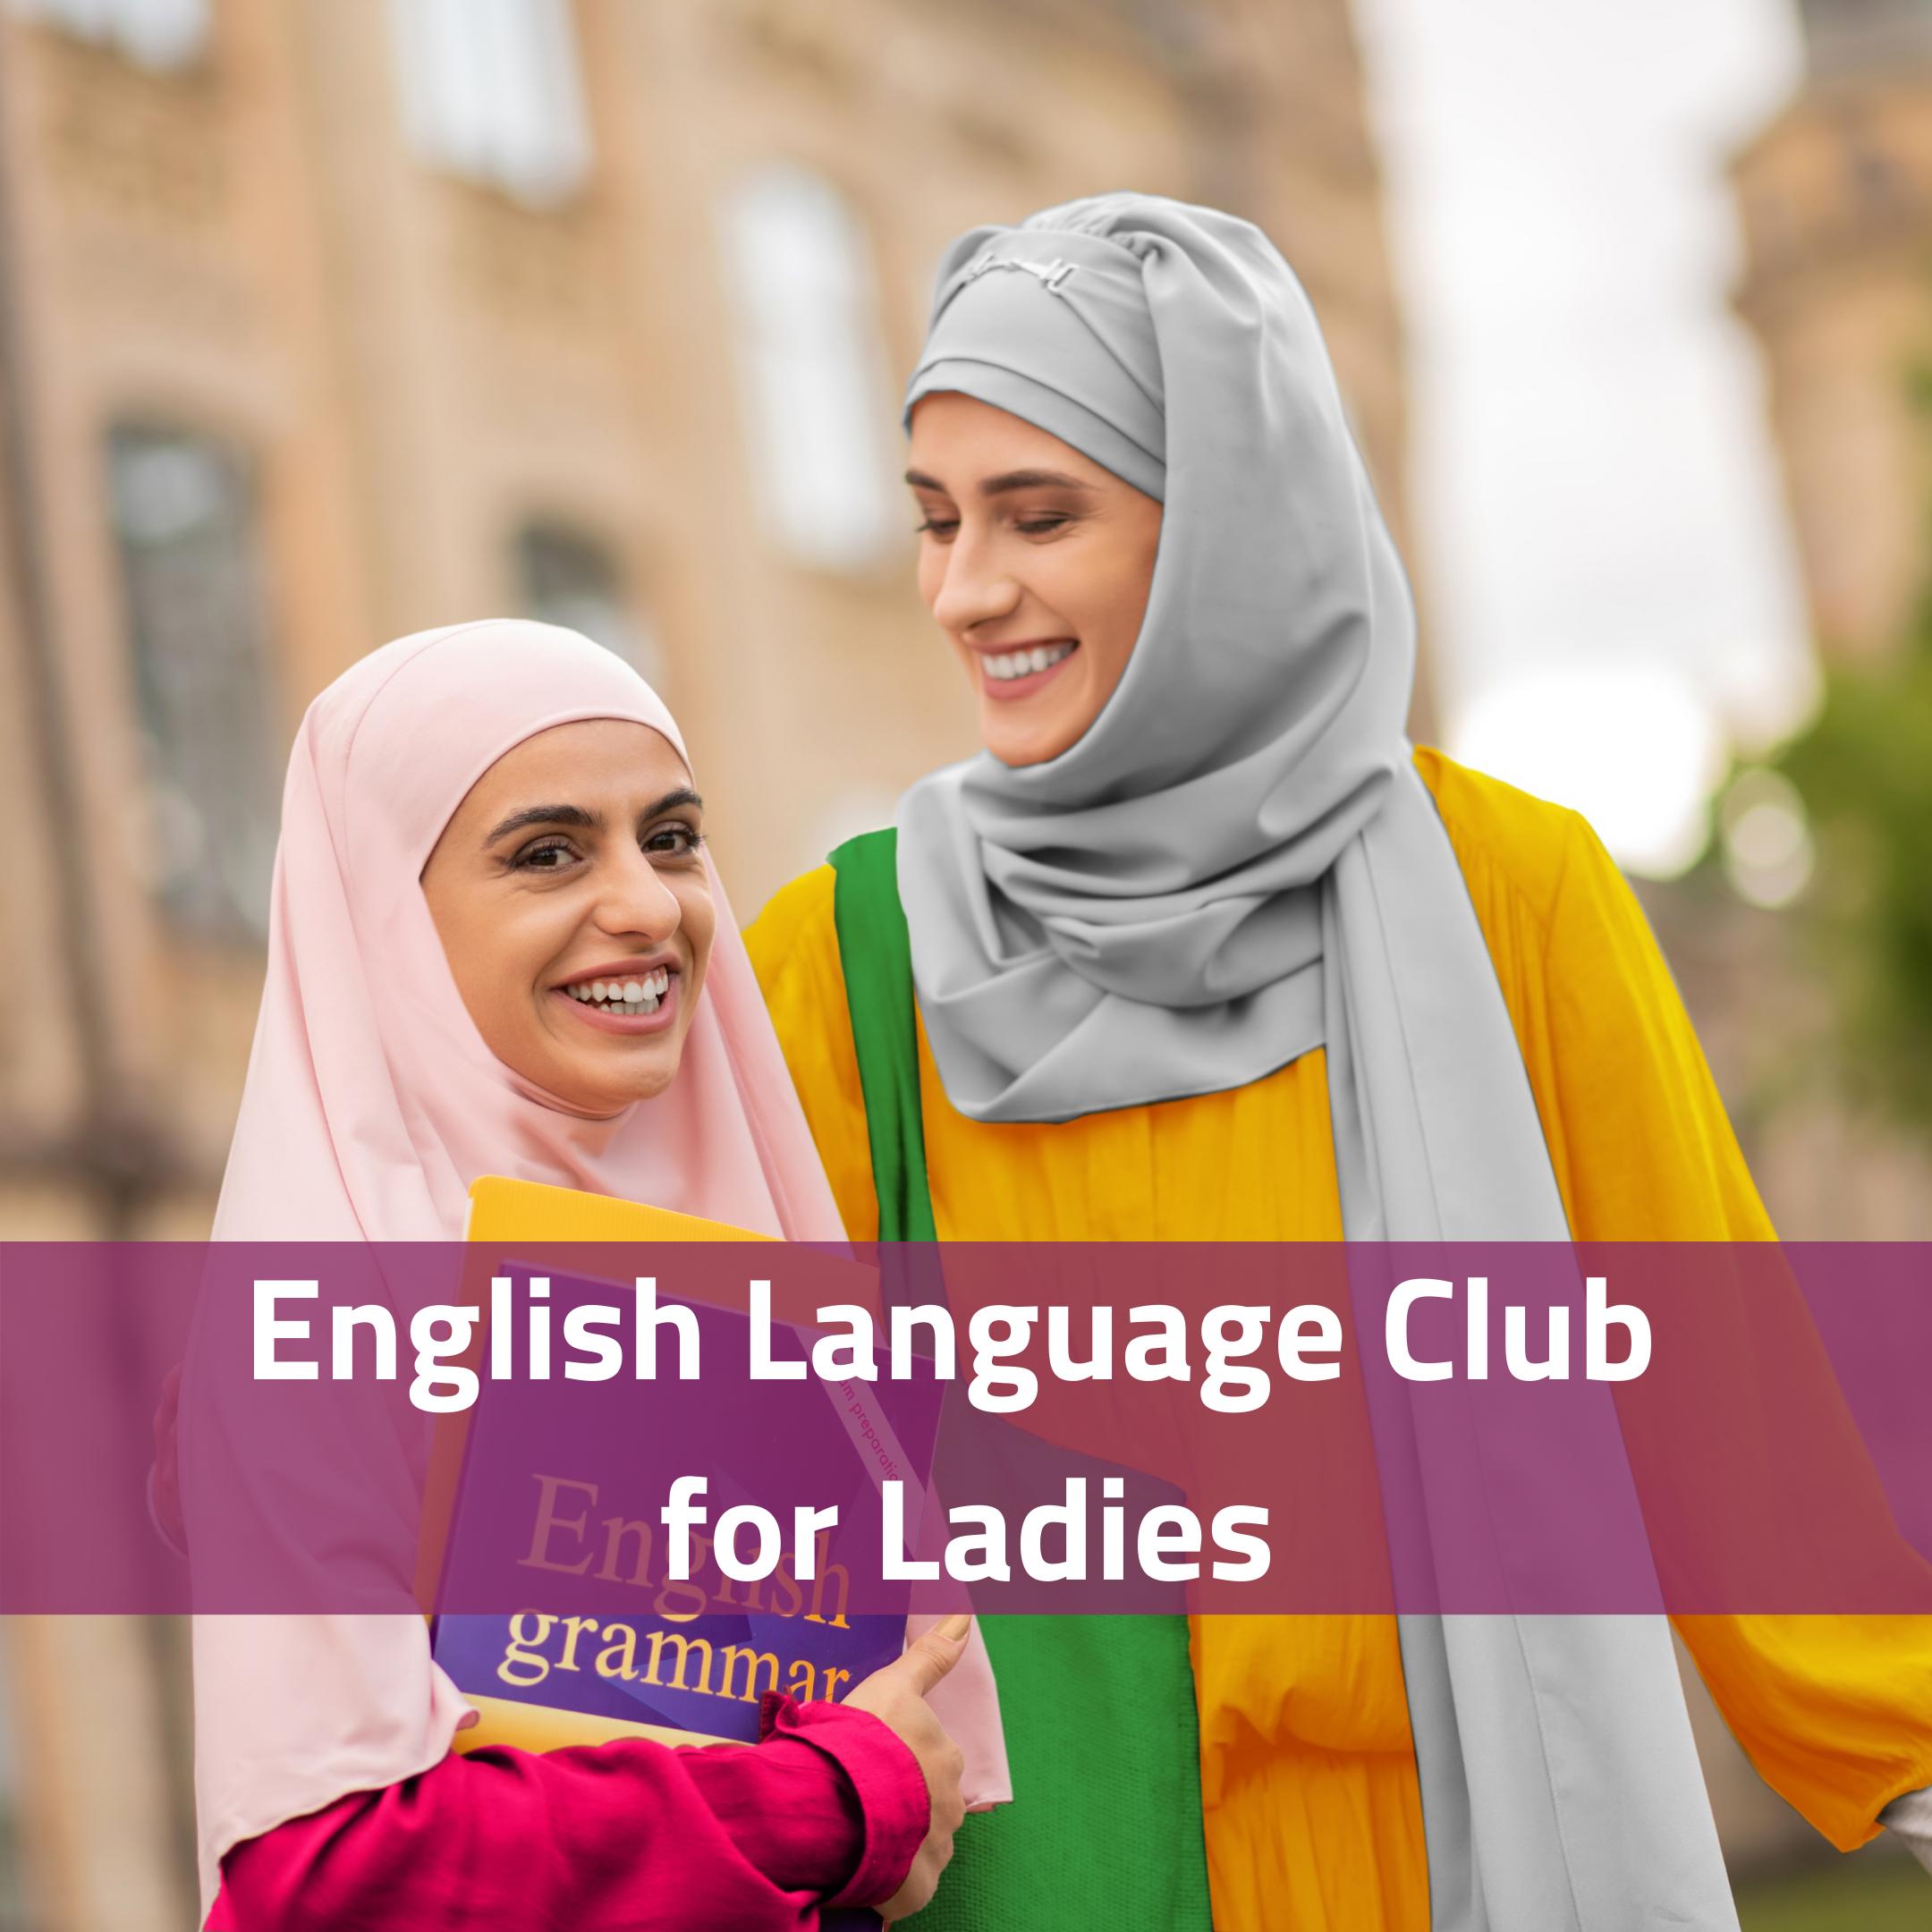 English Language Club for Ladies